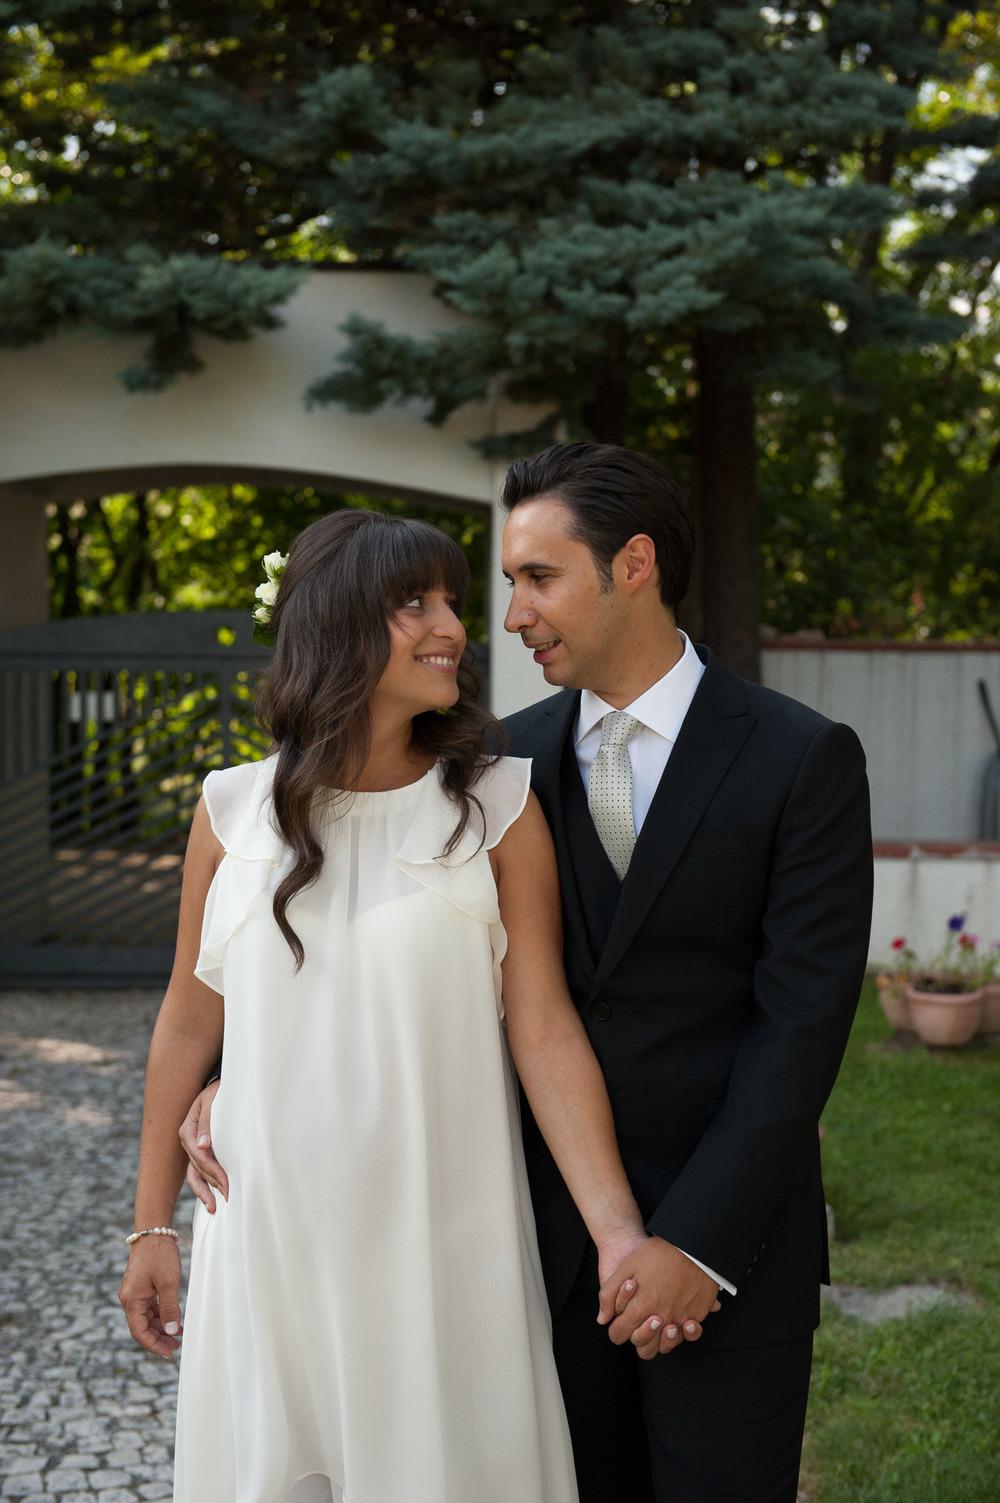 boda en italia_pablosalgado__PSB5880.jpg